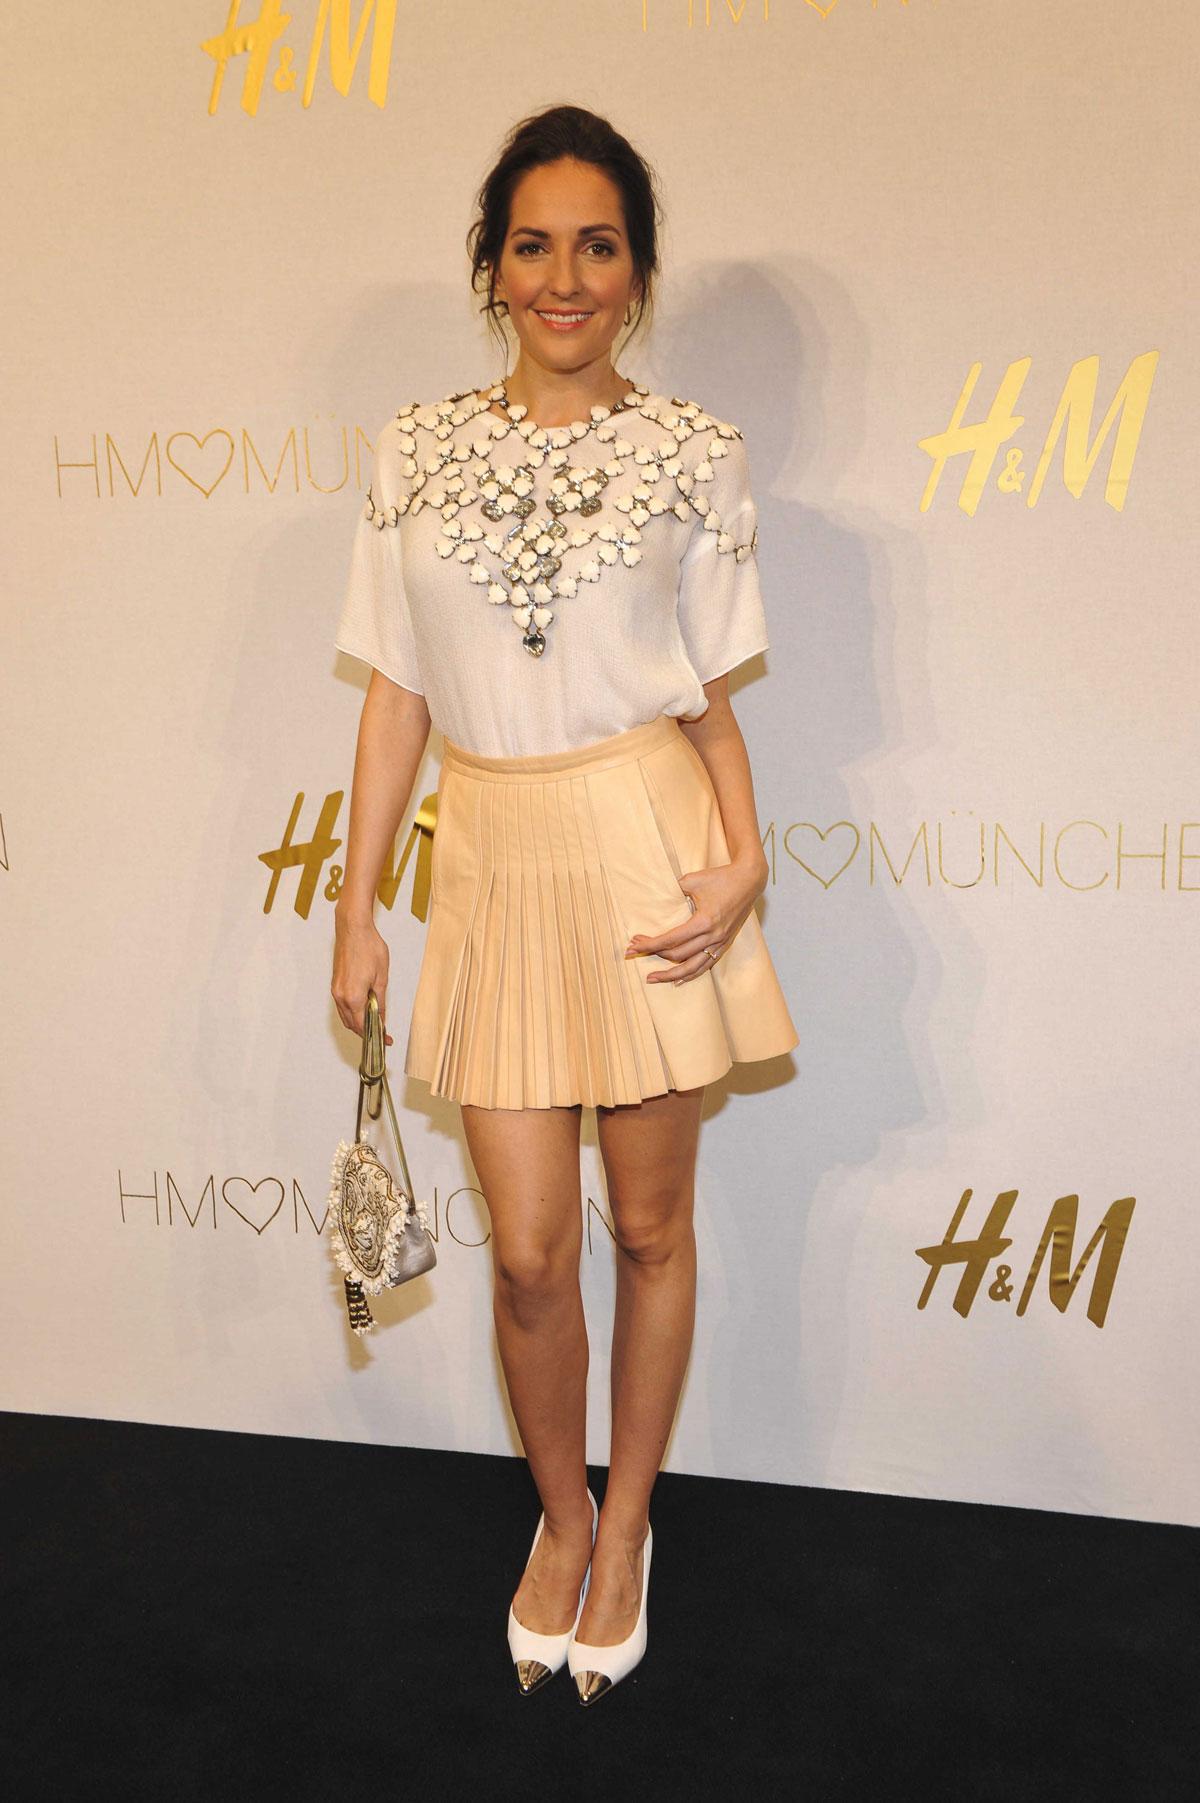 Johanna Klum attends H&M Store opening